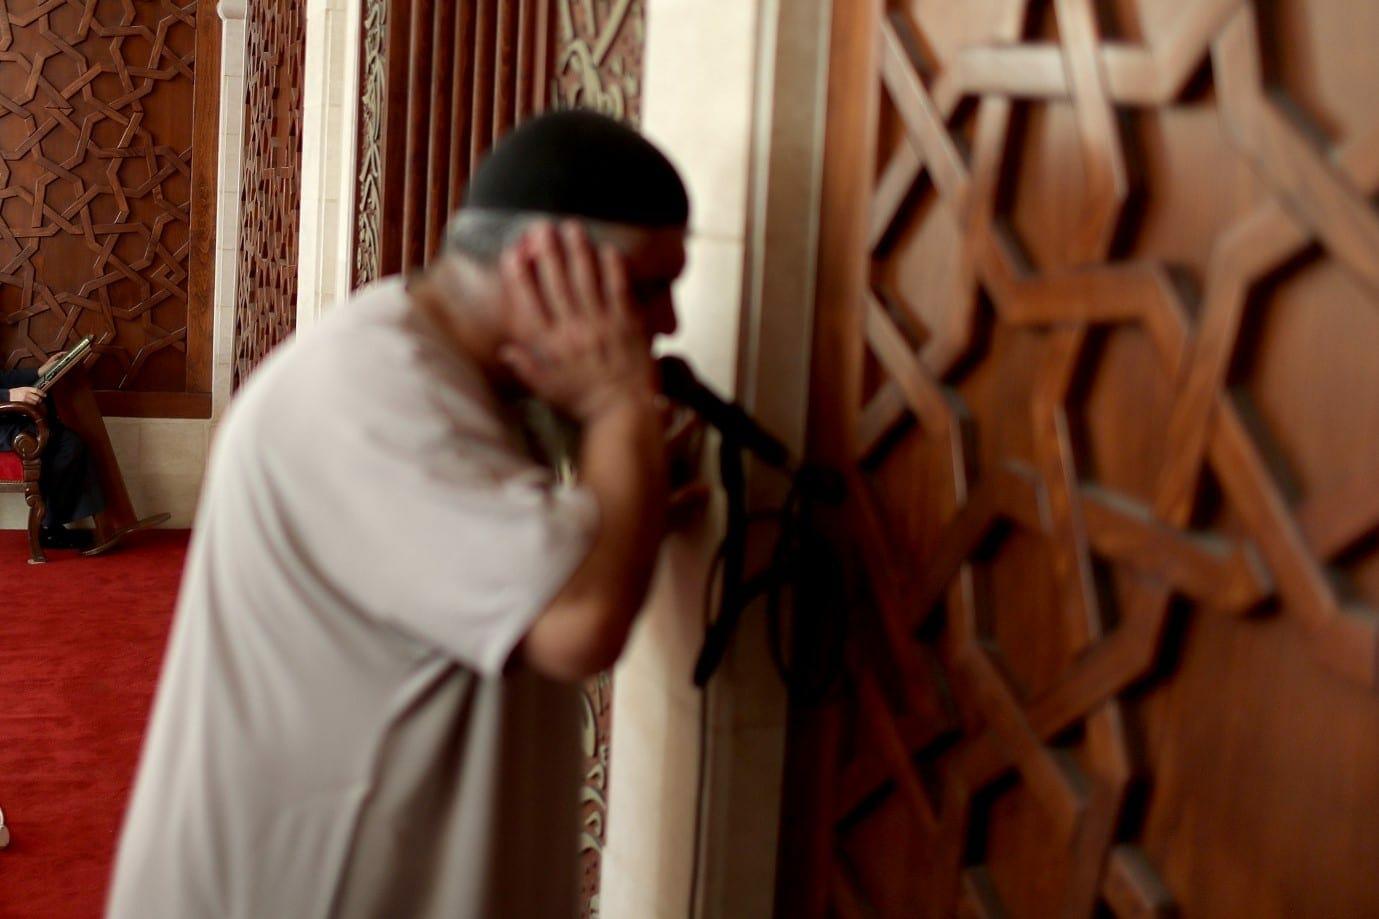 جريمة مرعبة في اليمن .. انزعج من صوت الأذان فقتل المؤذن بعد صلاة الفجر بطريقة صادمة!